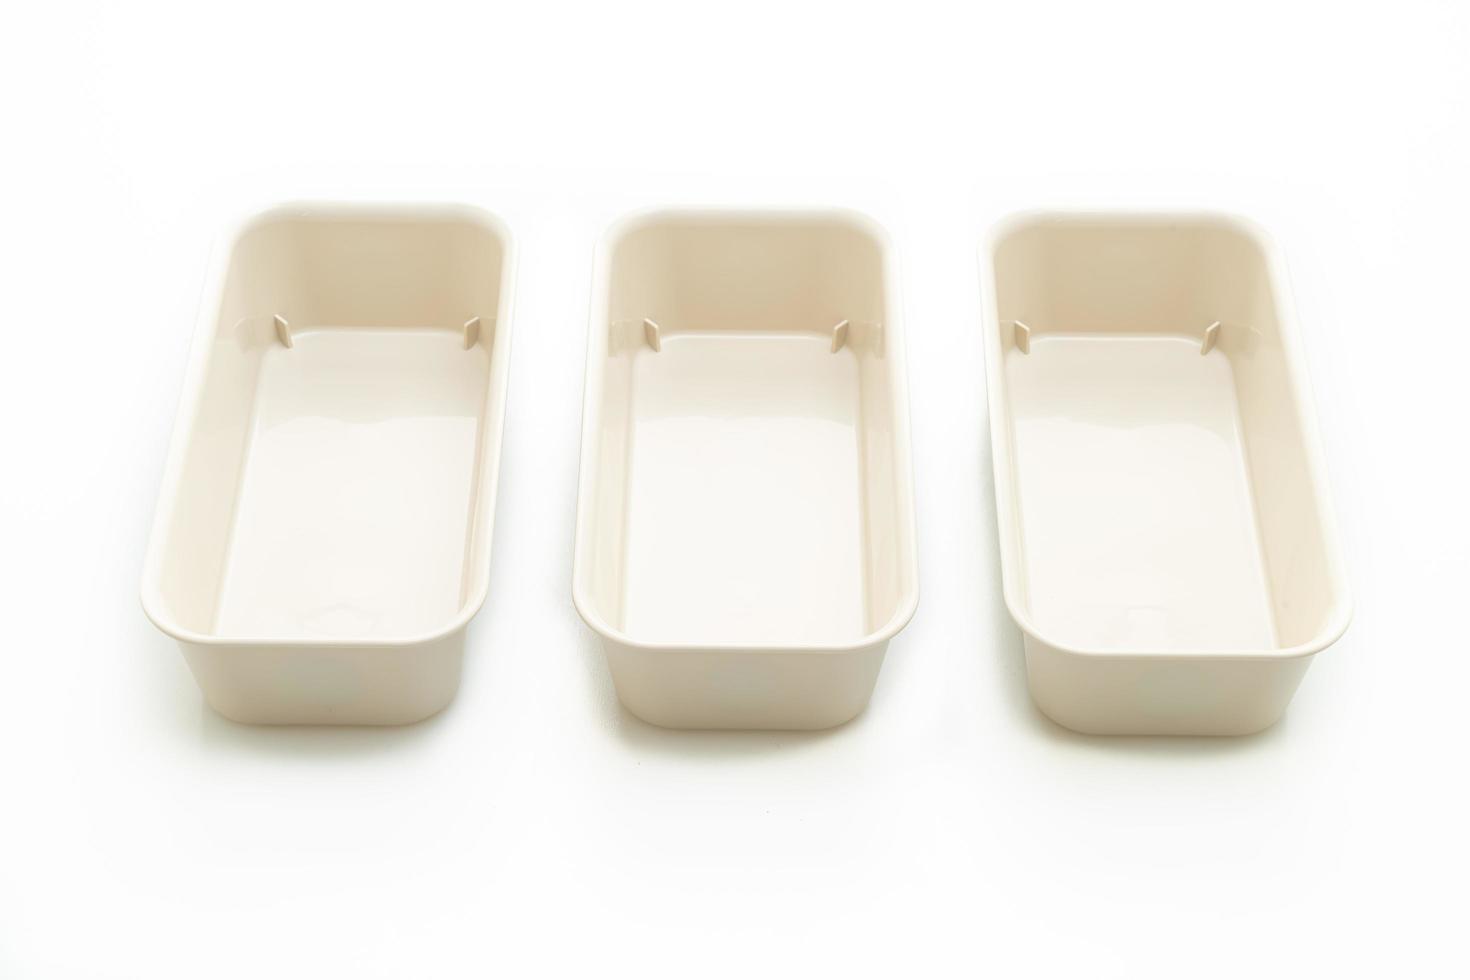 plastic dienblad of plastic doos die op witte achtergrond wordt geïsoleerd foto